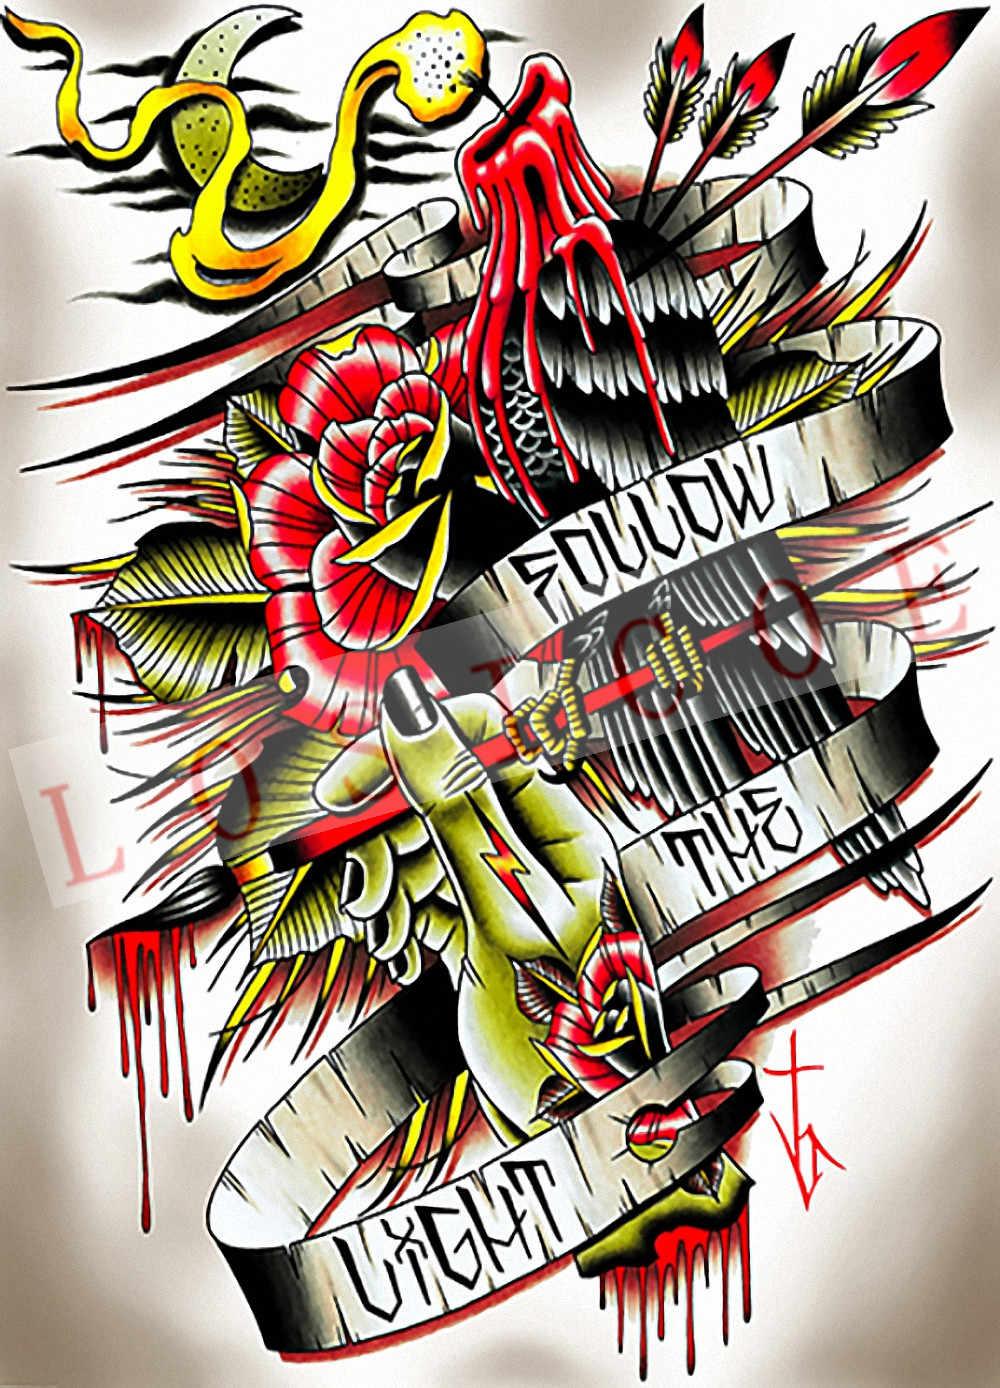 Patrón de tatuaje creativo pósteres pegatina de pared 30X42 CM nostalgia retro papel kraft HD impresión de inyección de tinta arte decoración del hogar E